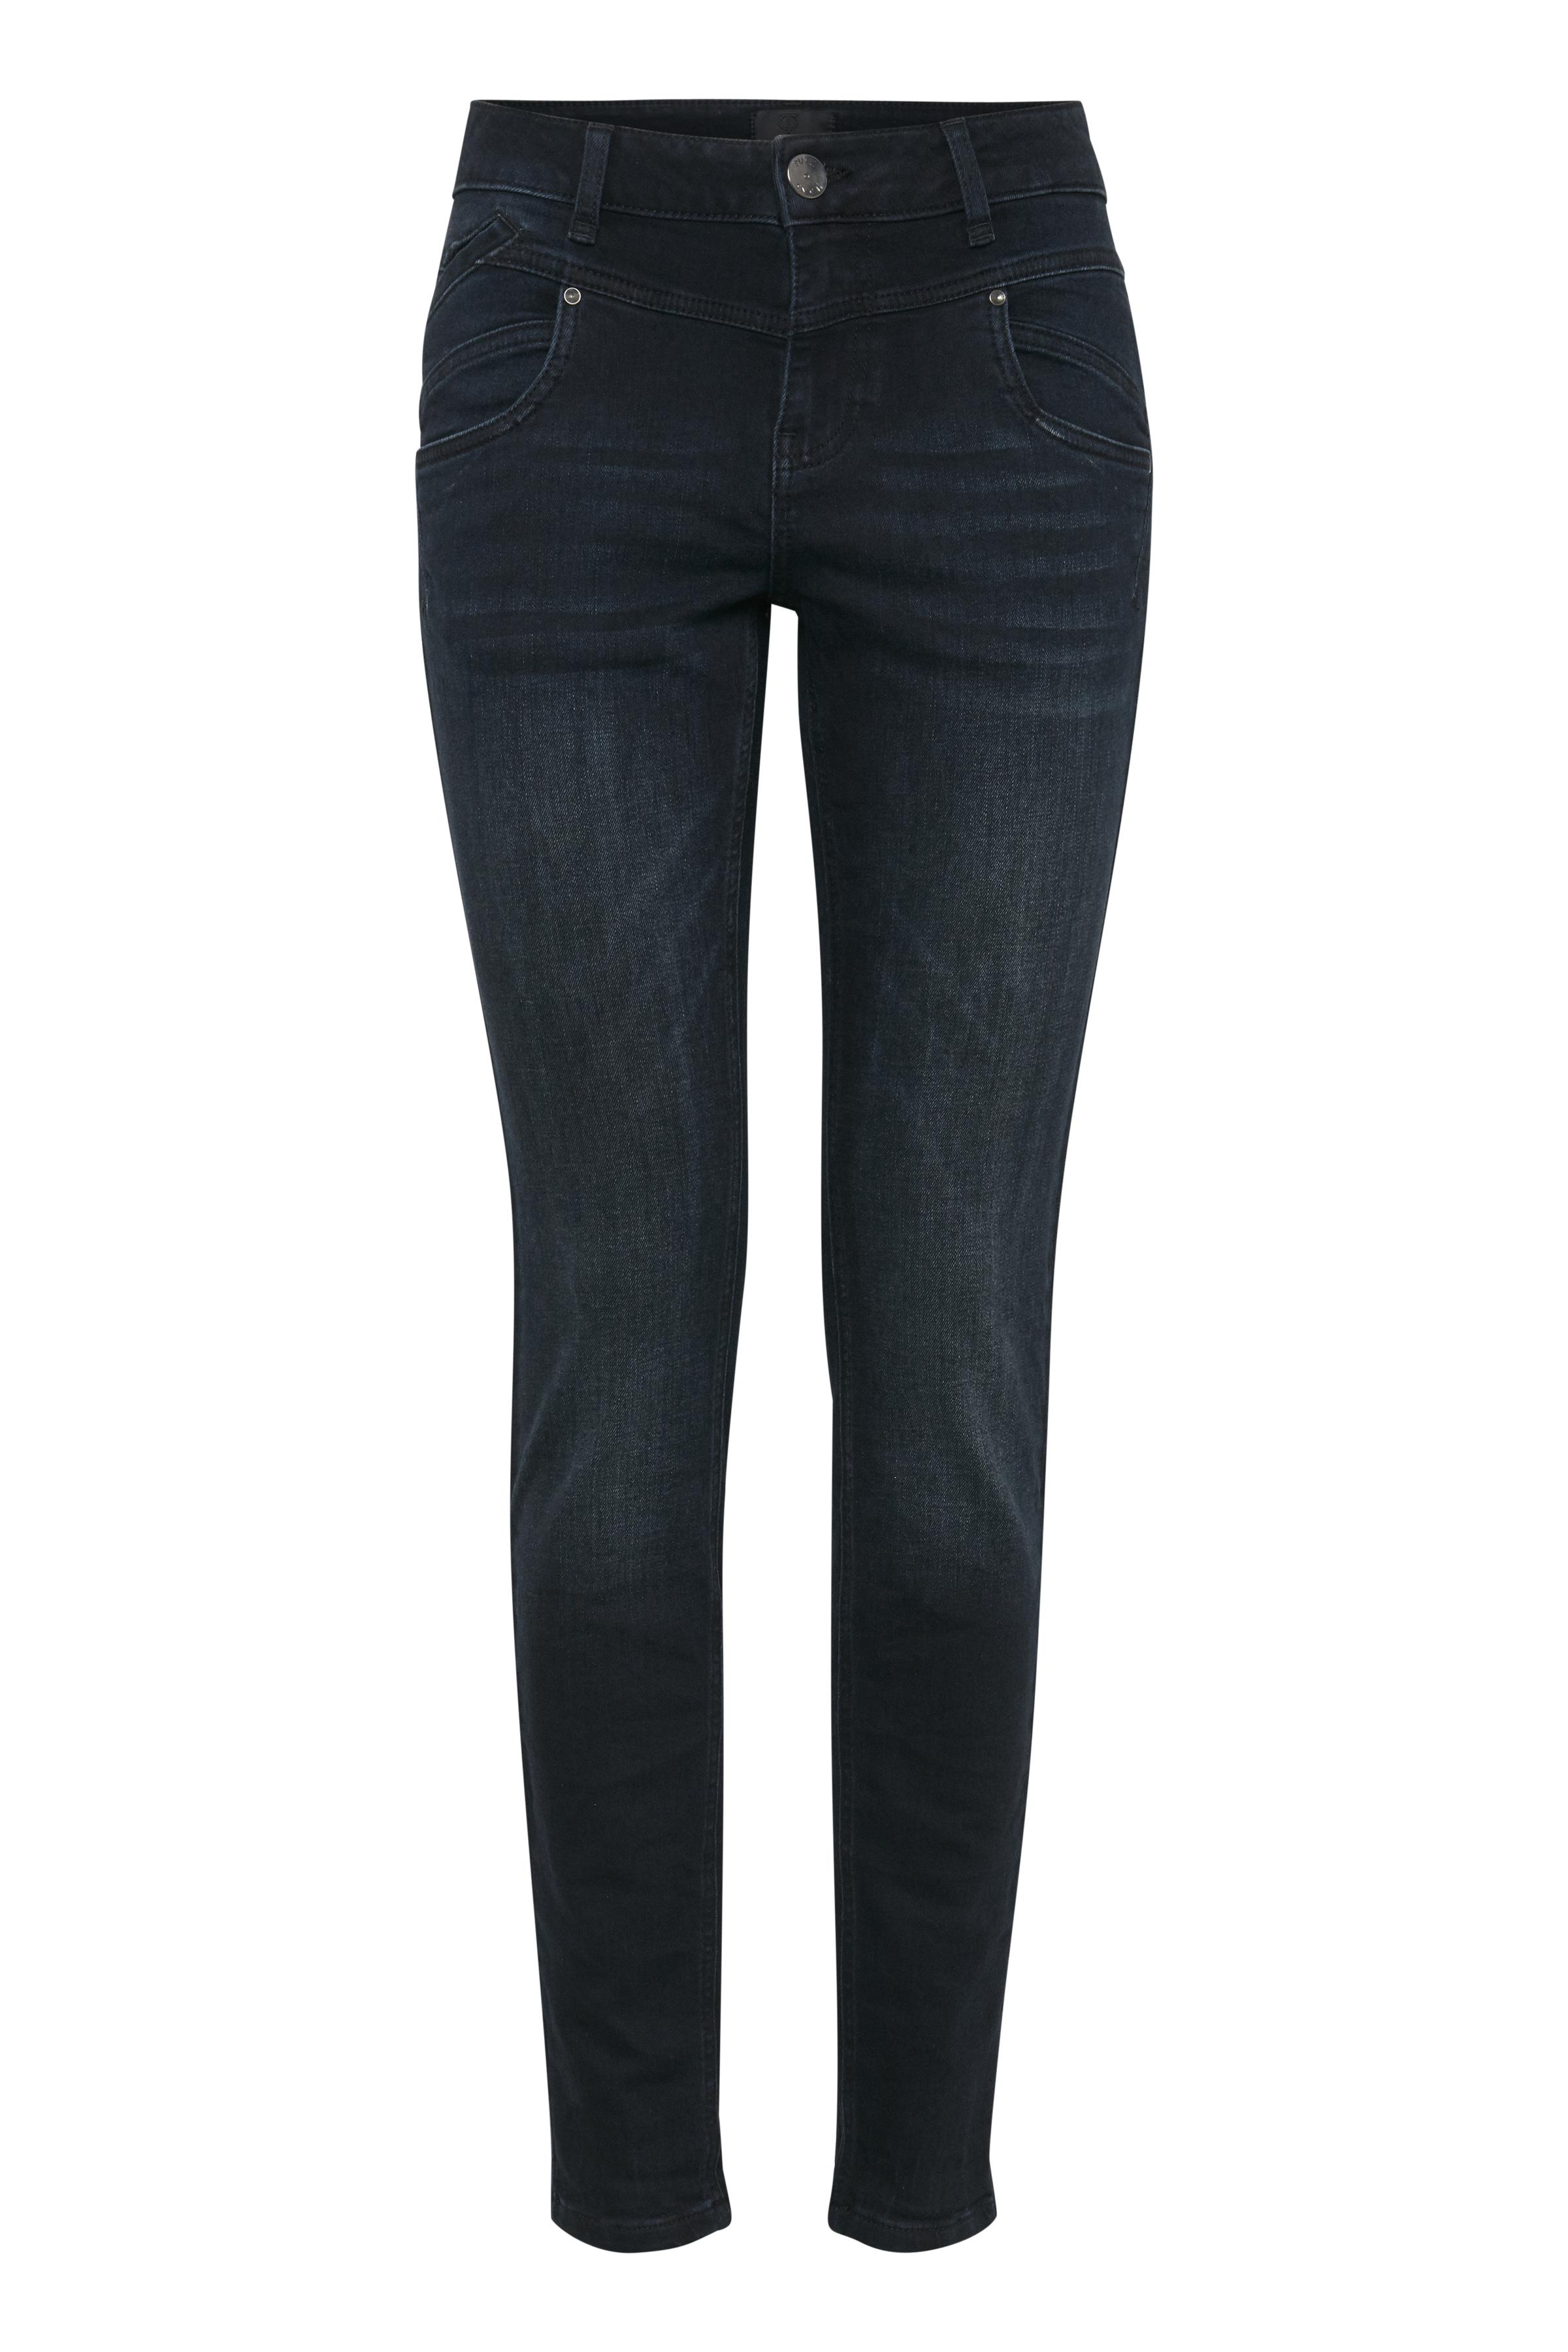 Image of Pulz Jeans Dame Carmen højtaljede jeans - Mørk denimblå